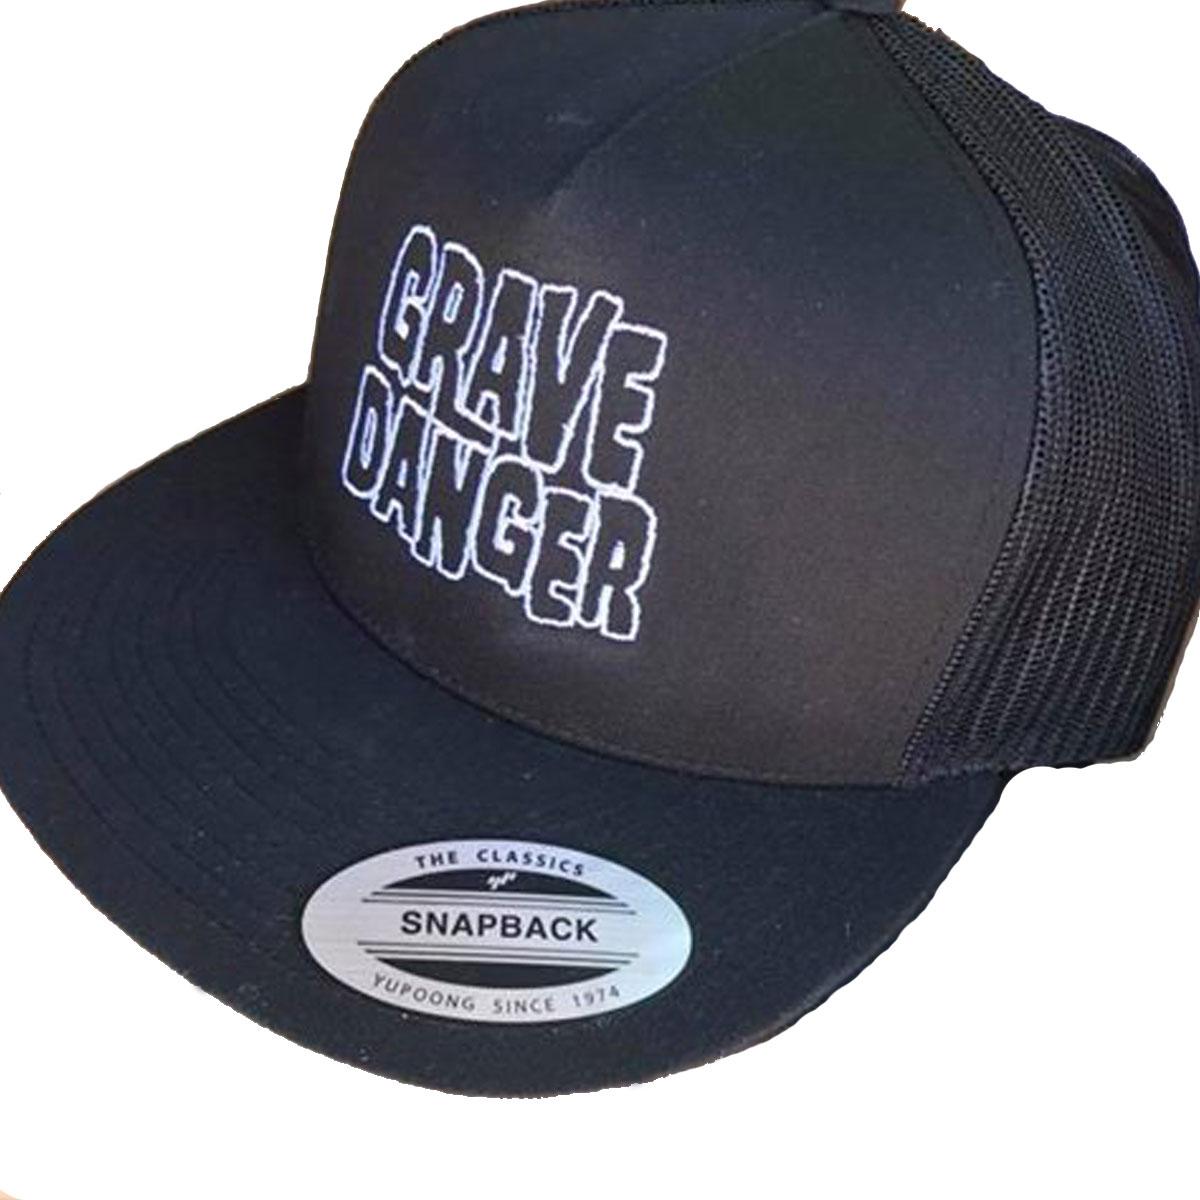 Kevin Daly's Grave Danger Trucker Hat Black/Black